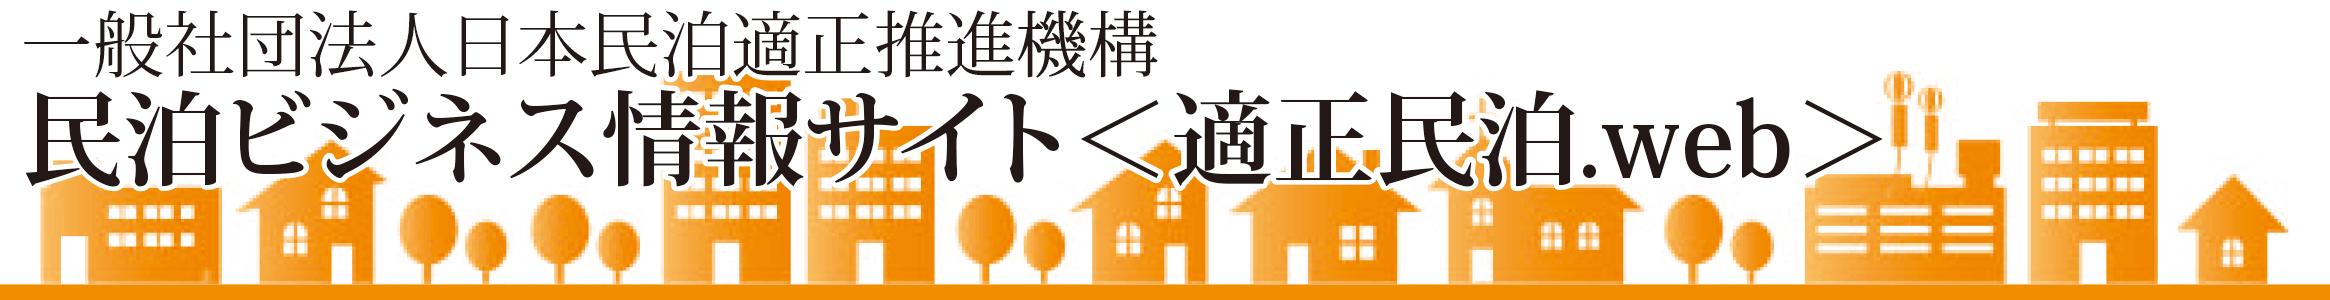 適正民泊ウェブのロゴ